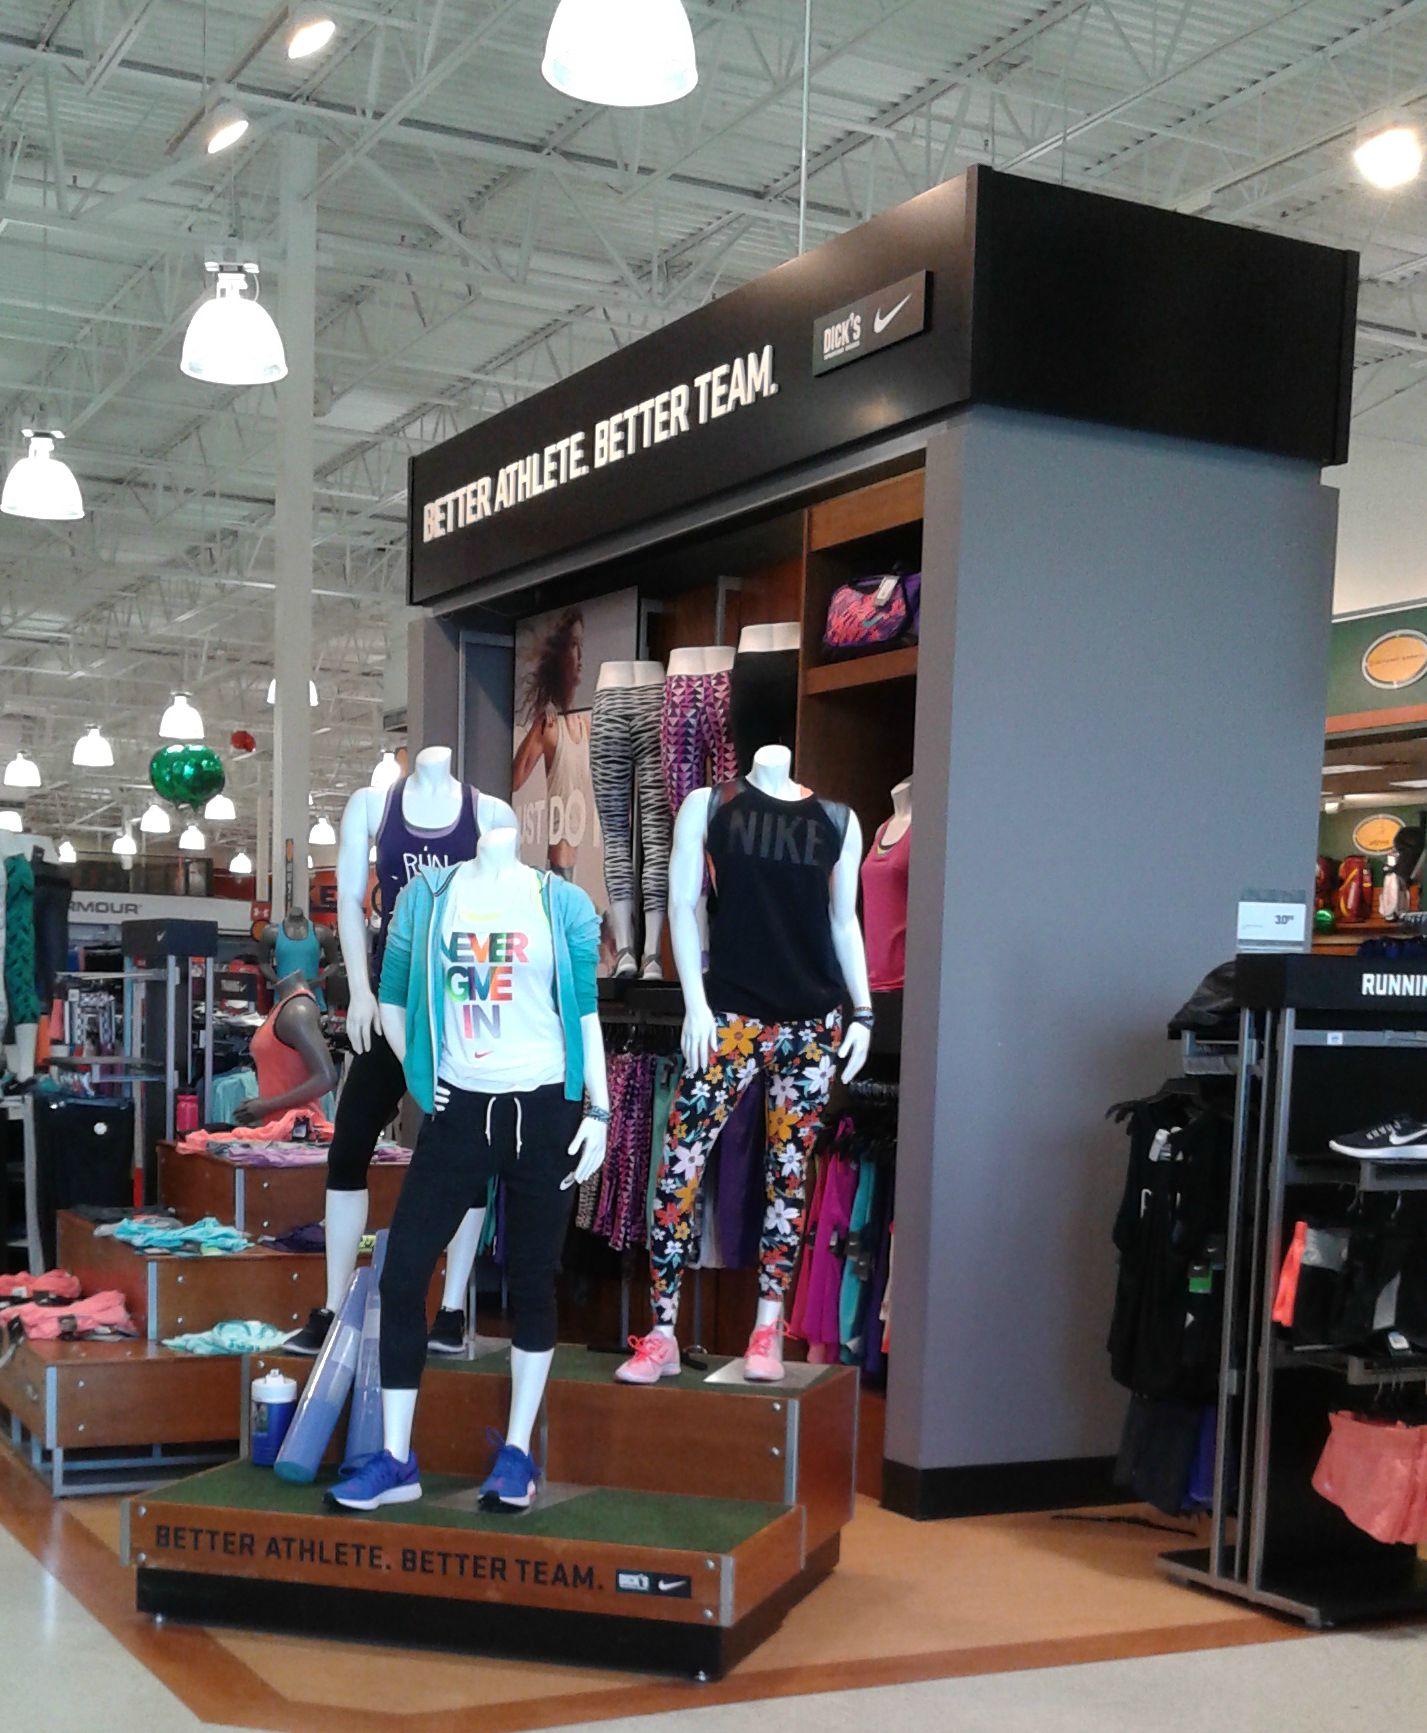 Dicks-sporting-goods-display